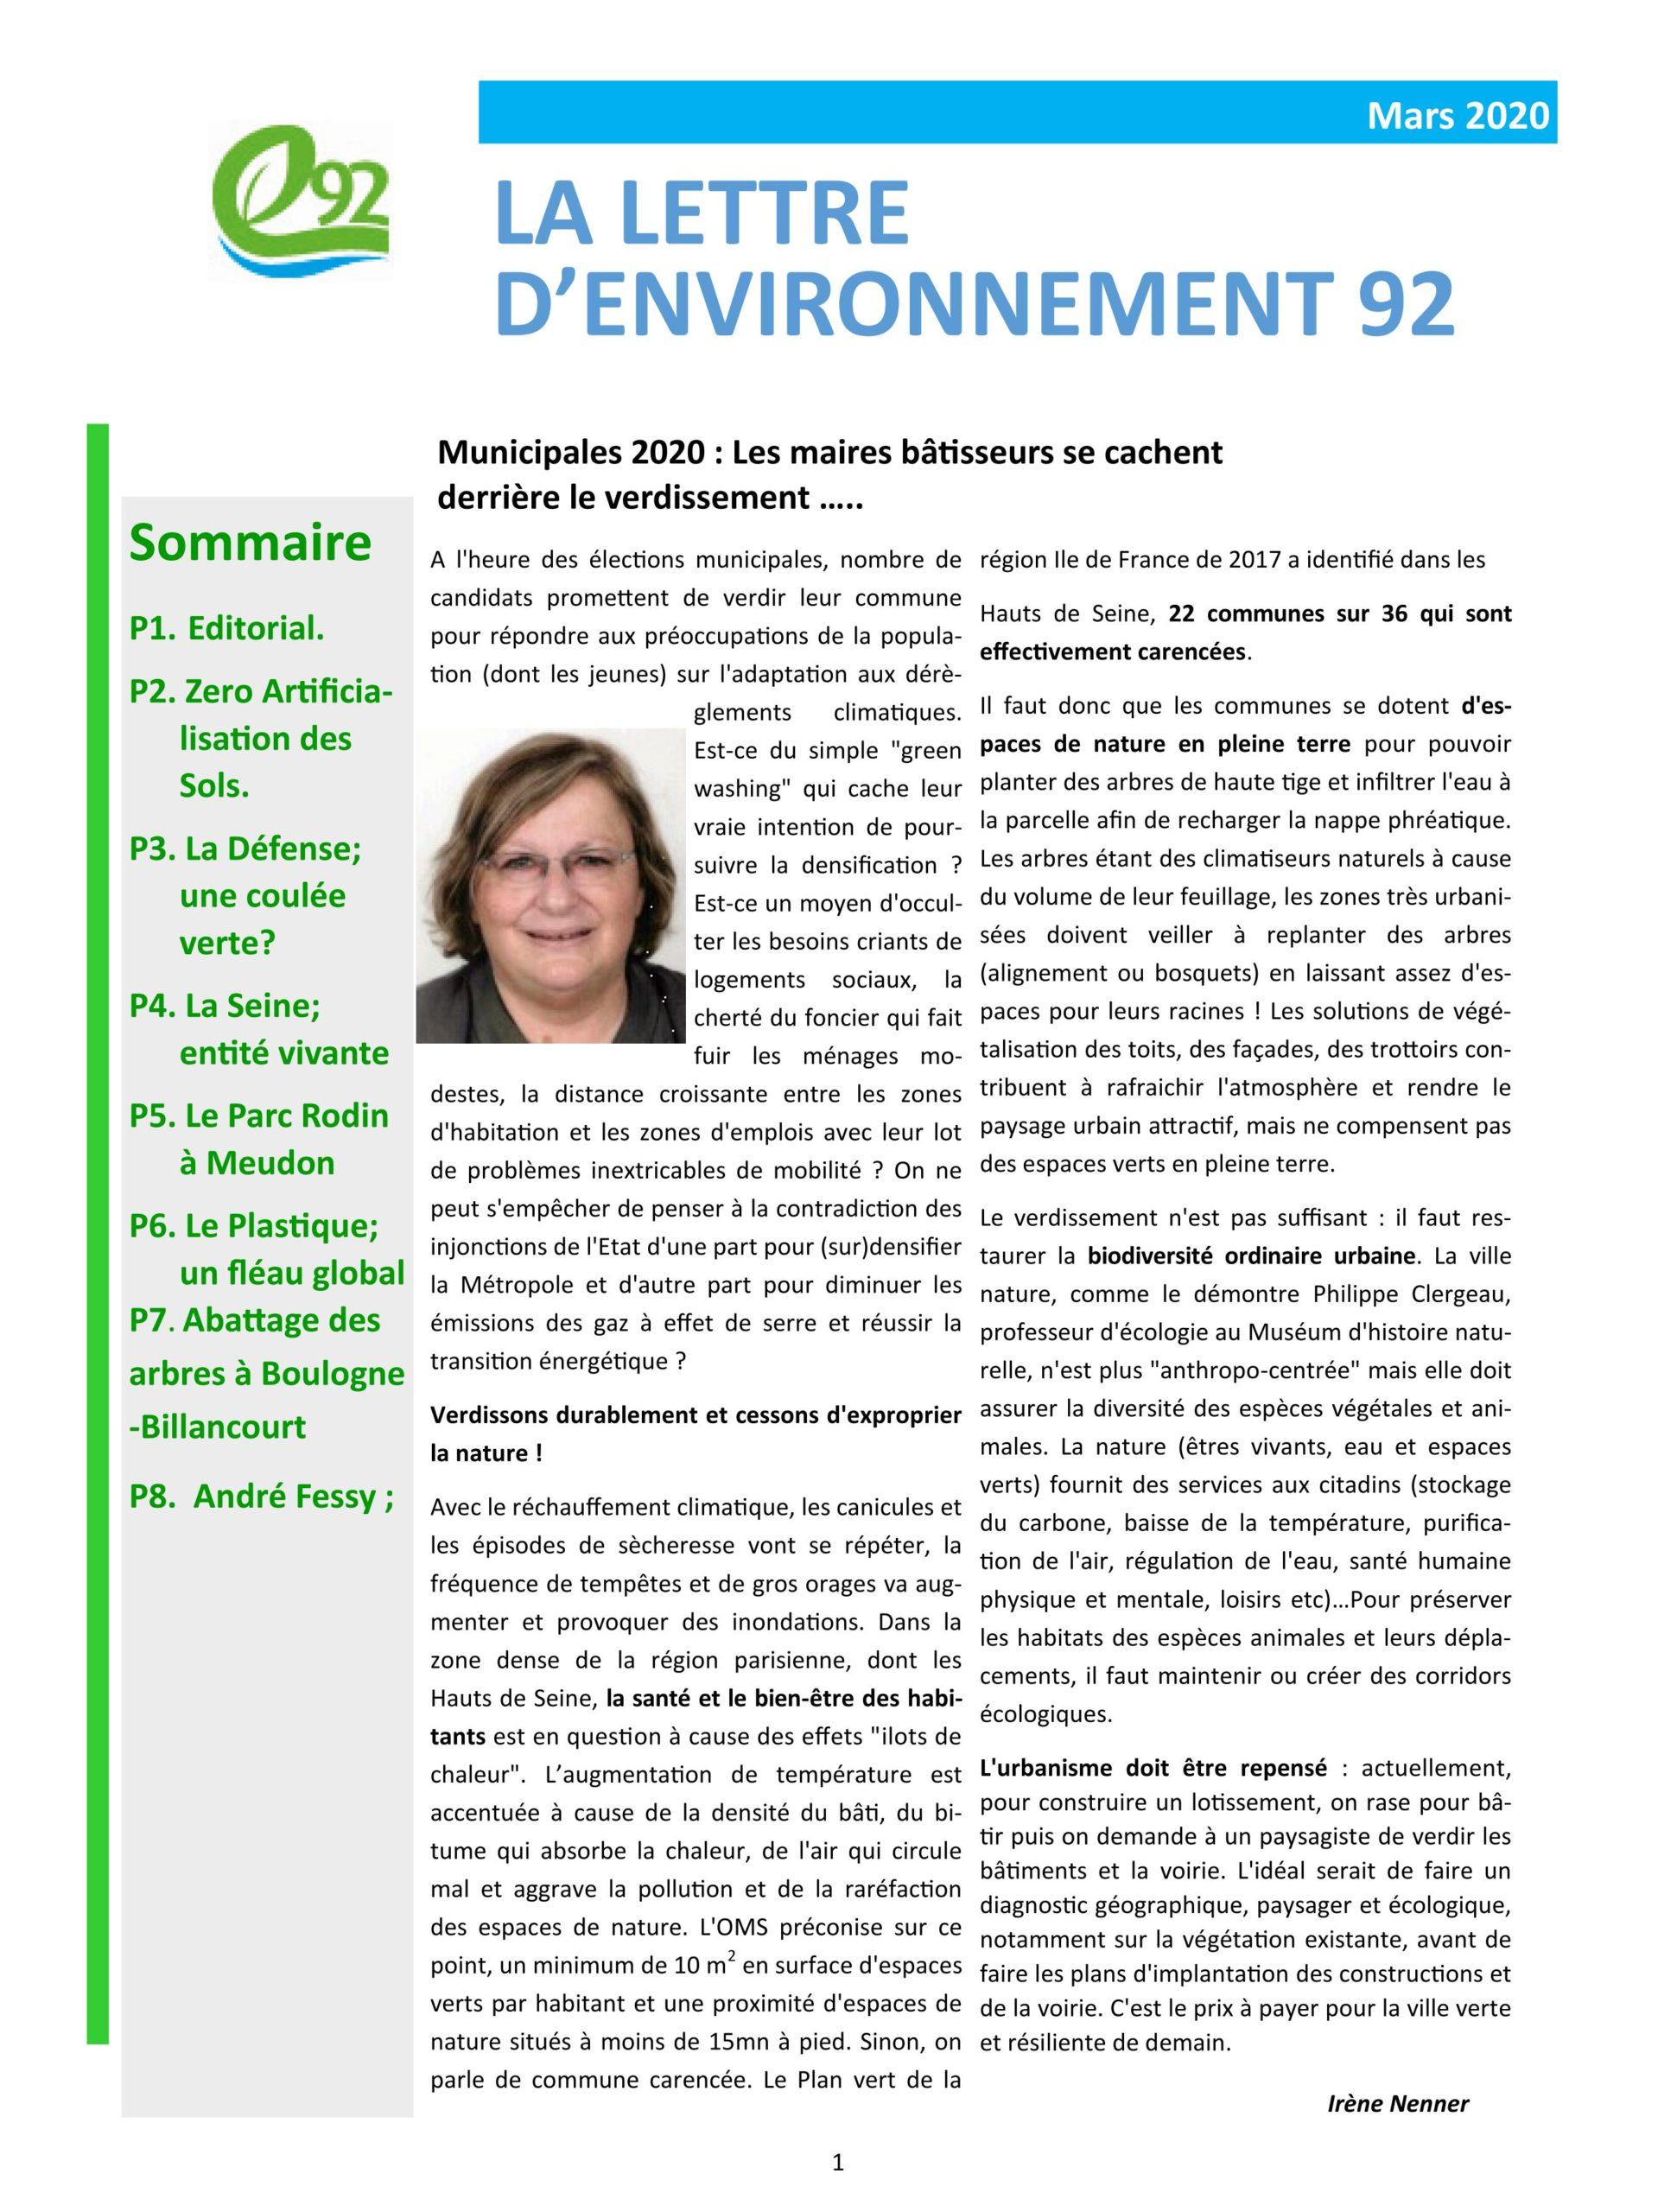 Lettre d'Environnement 92 – mars 2020